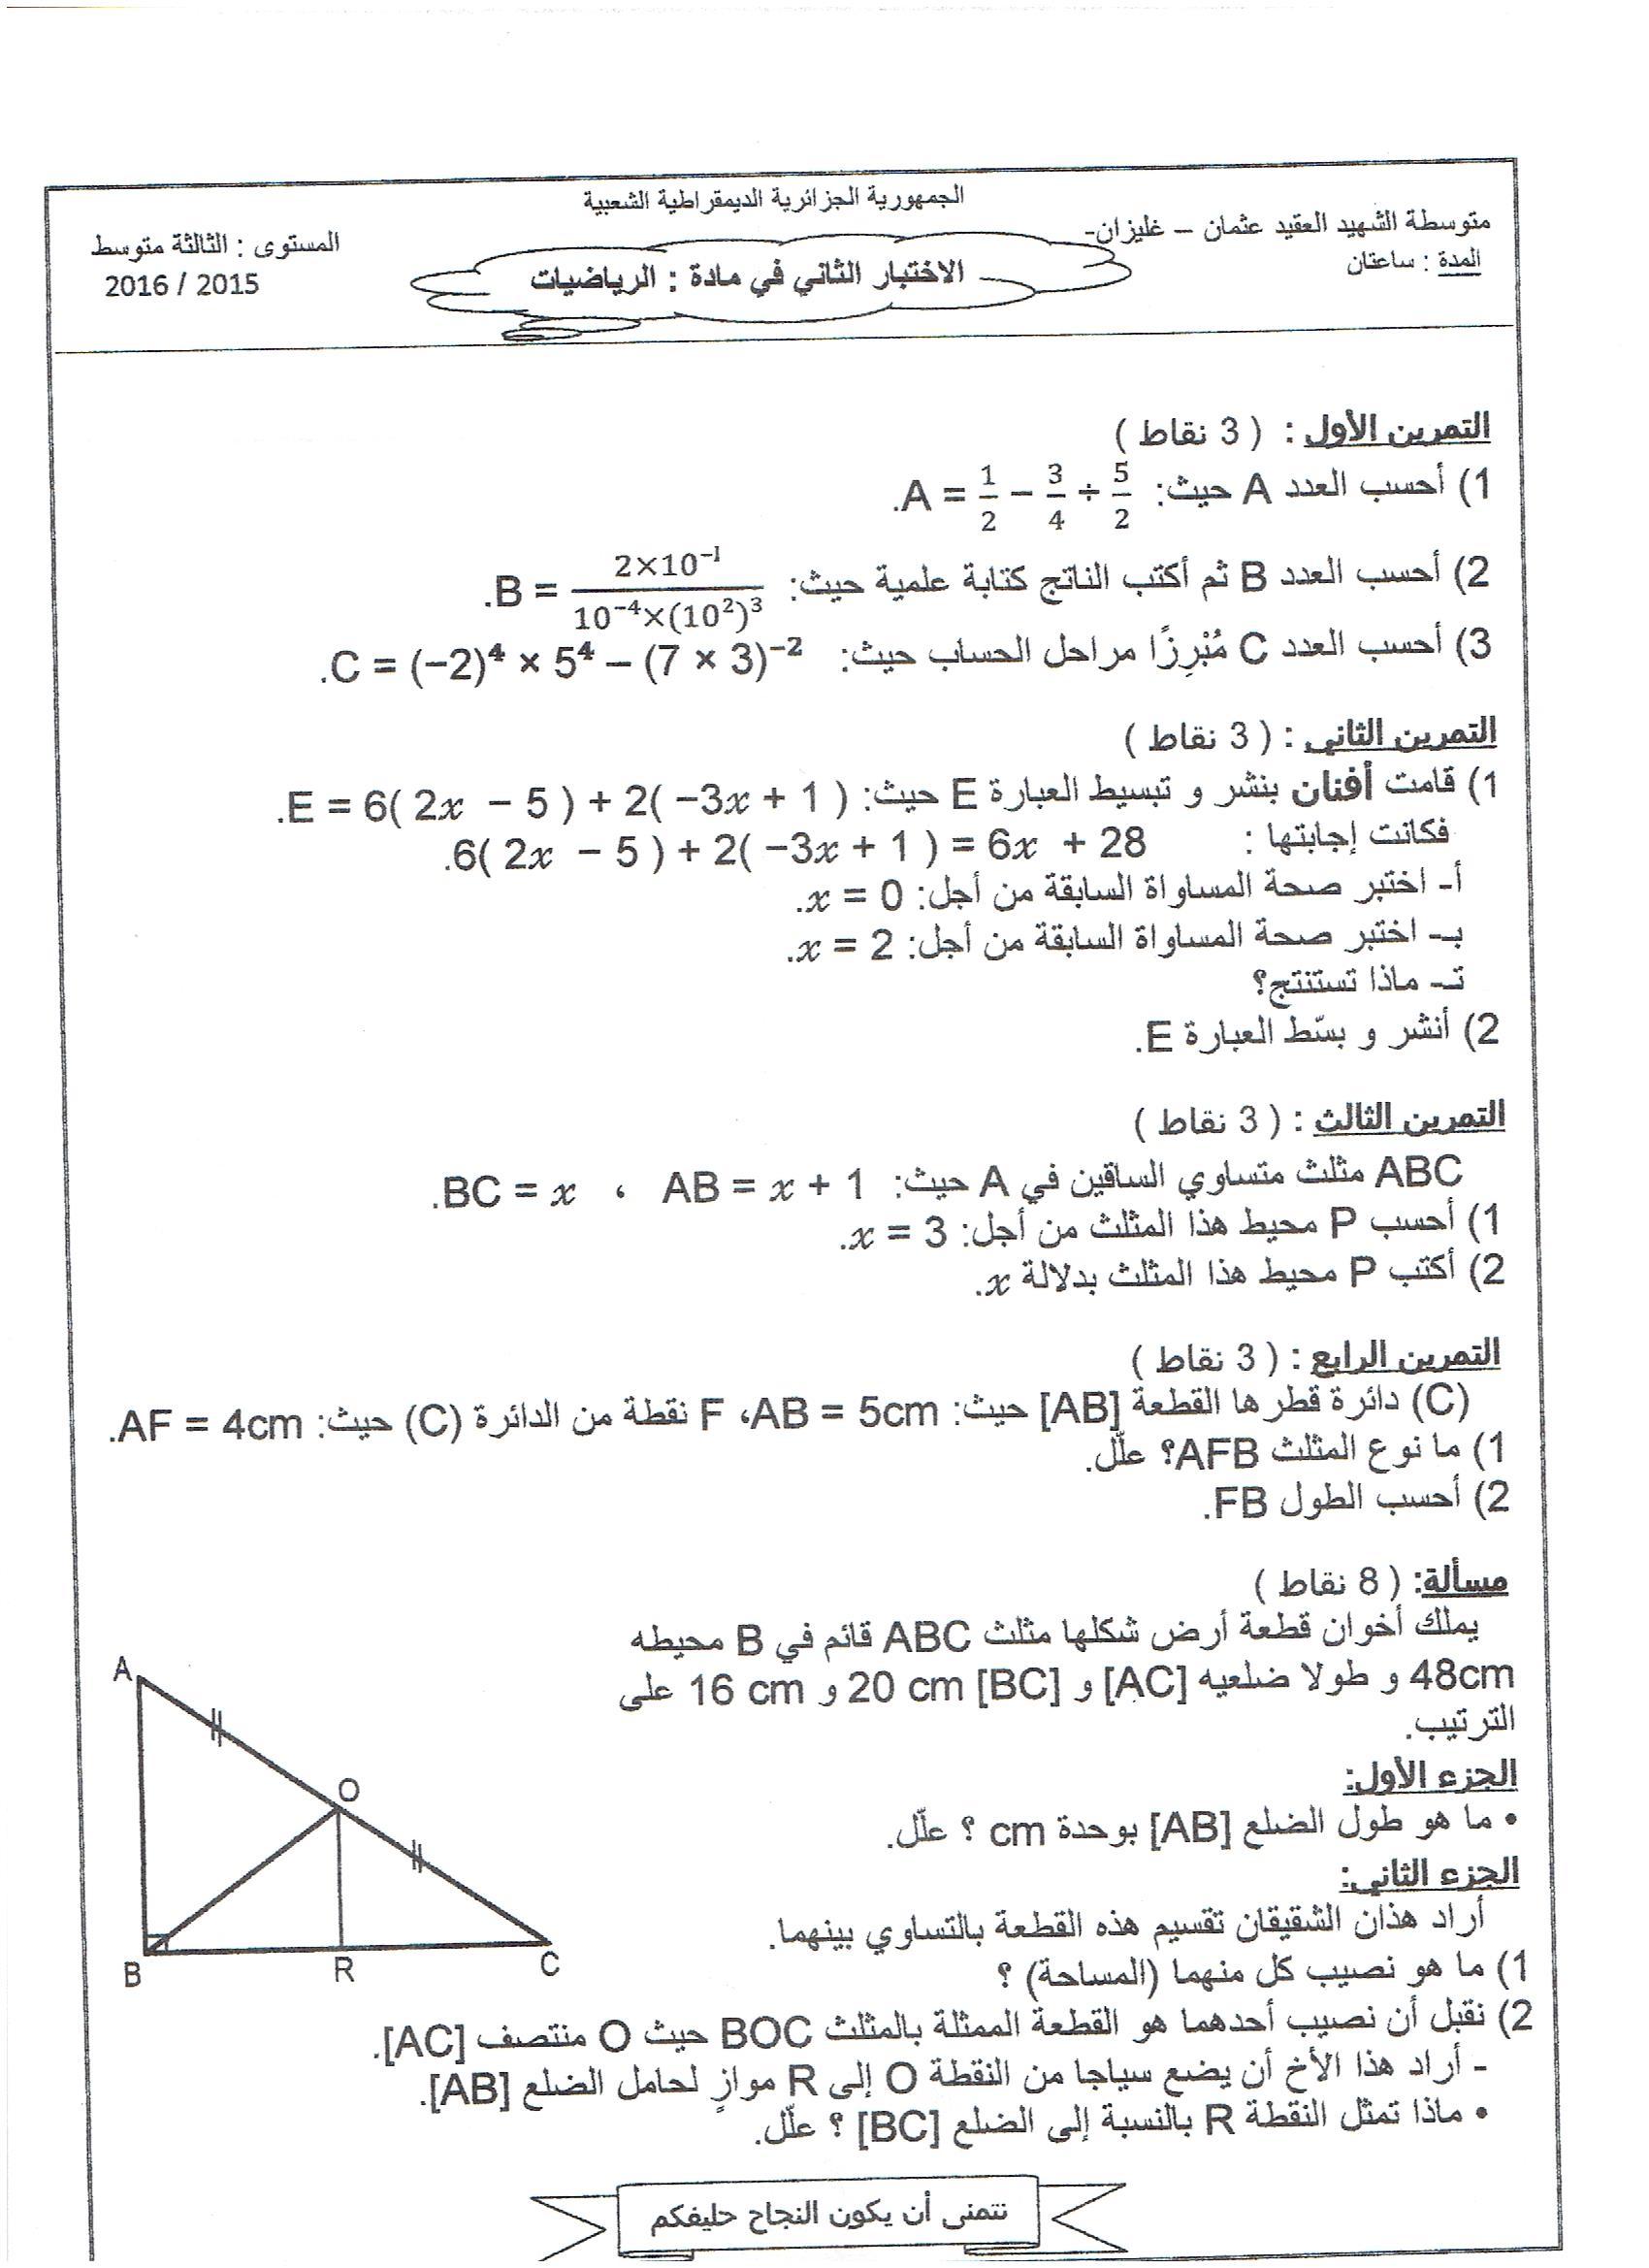 الاختبار الثاني_3 متوسط_2015_2016_رياضيات P_530d0f1